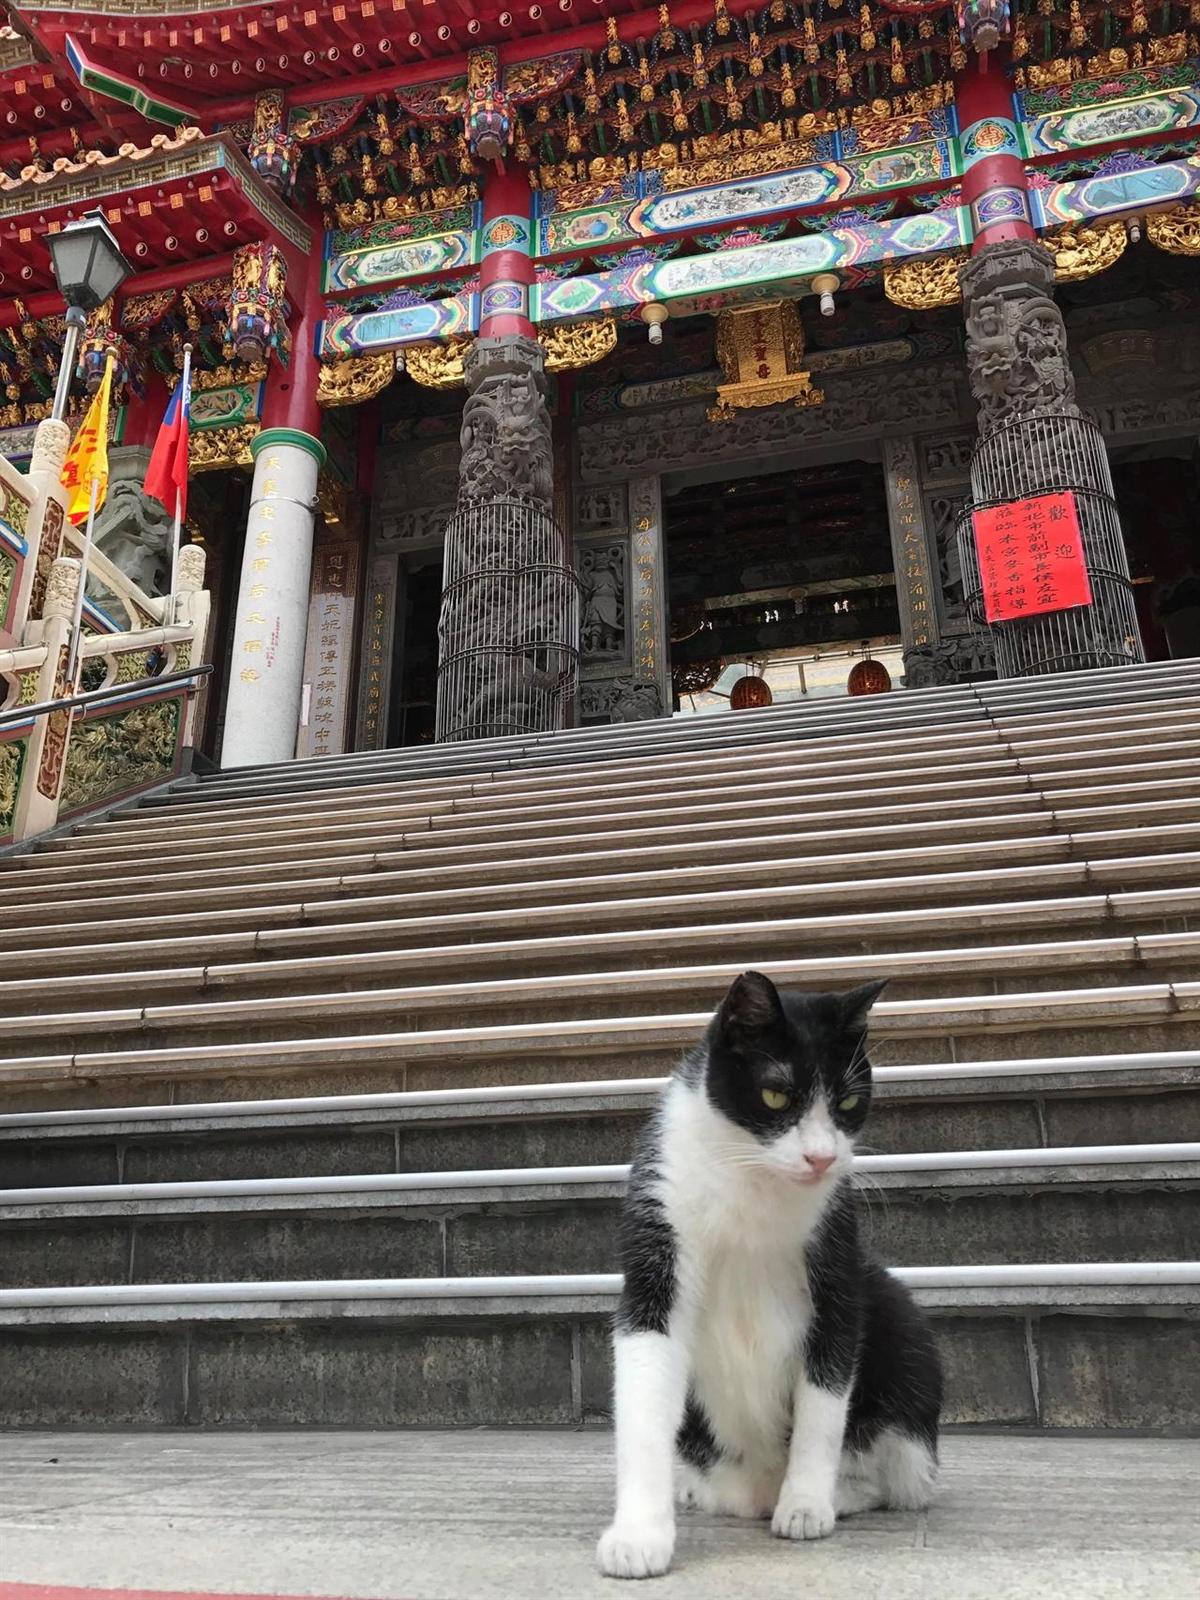 三重義天宮內、外都可見貓咪的蹤影。 記者陳珮琦/攝影